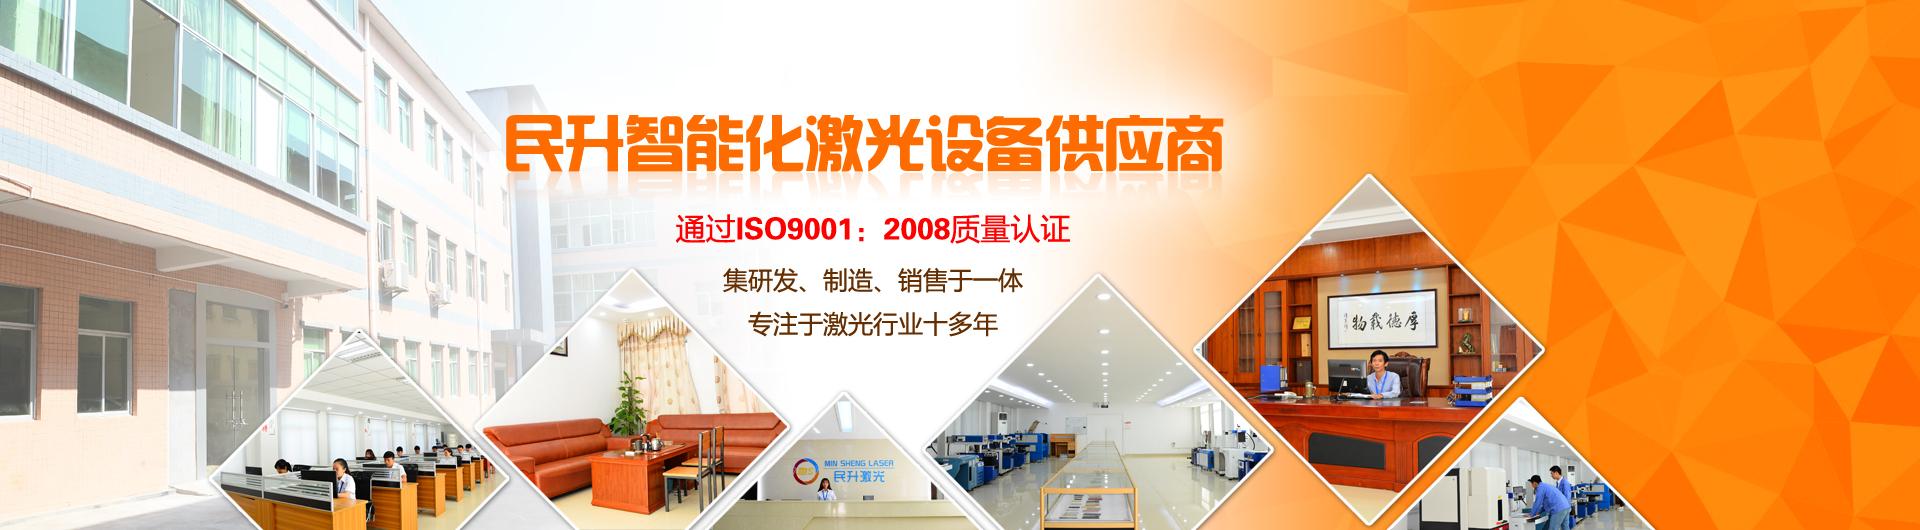 深圳市龙8国际激光科技youxian公si